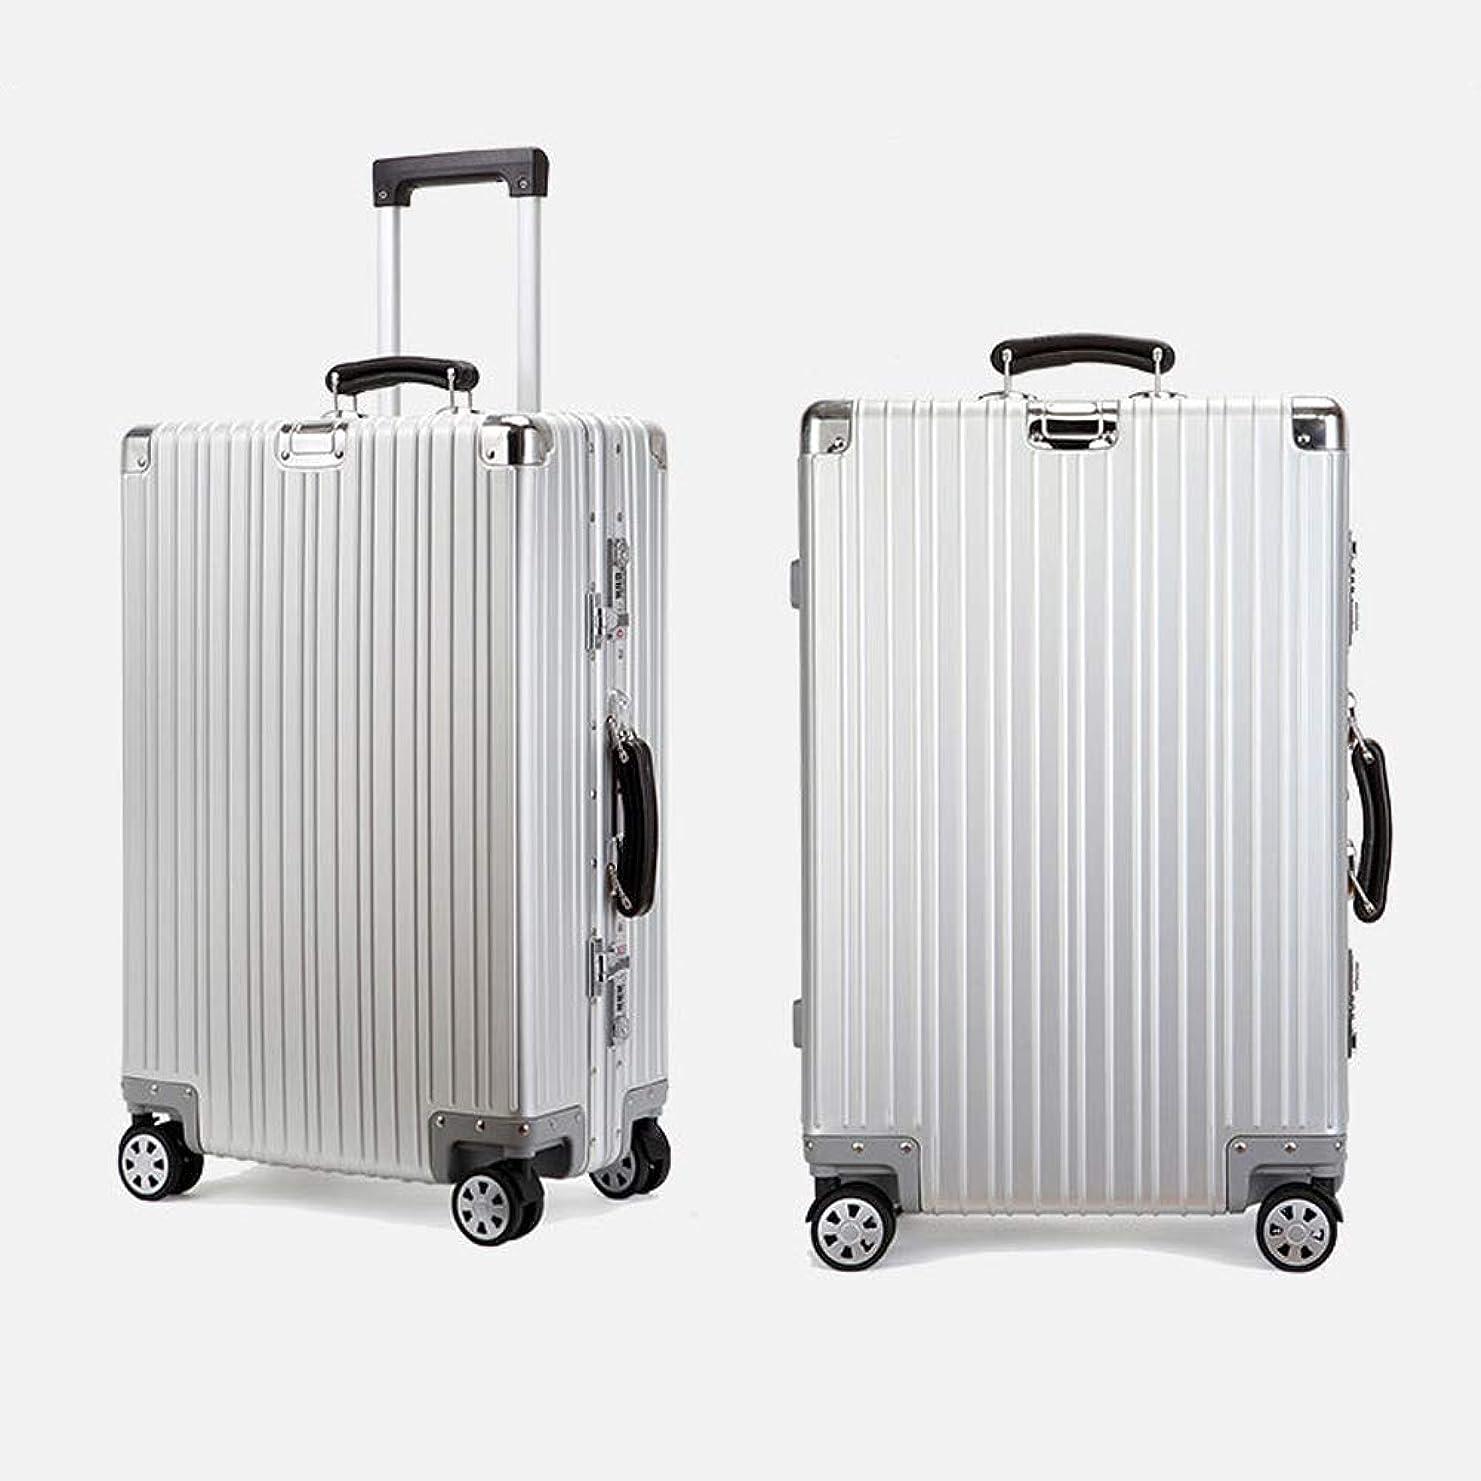 熟考するぞっとするような苦行アルミ スーツケース ダブルキャスター?静音 キャリーケース TSAロック搭載 軽量 無段階調節 キャリーケース 出張 旅行 機内持ち込み可 大容量 静音8輪